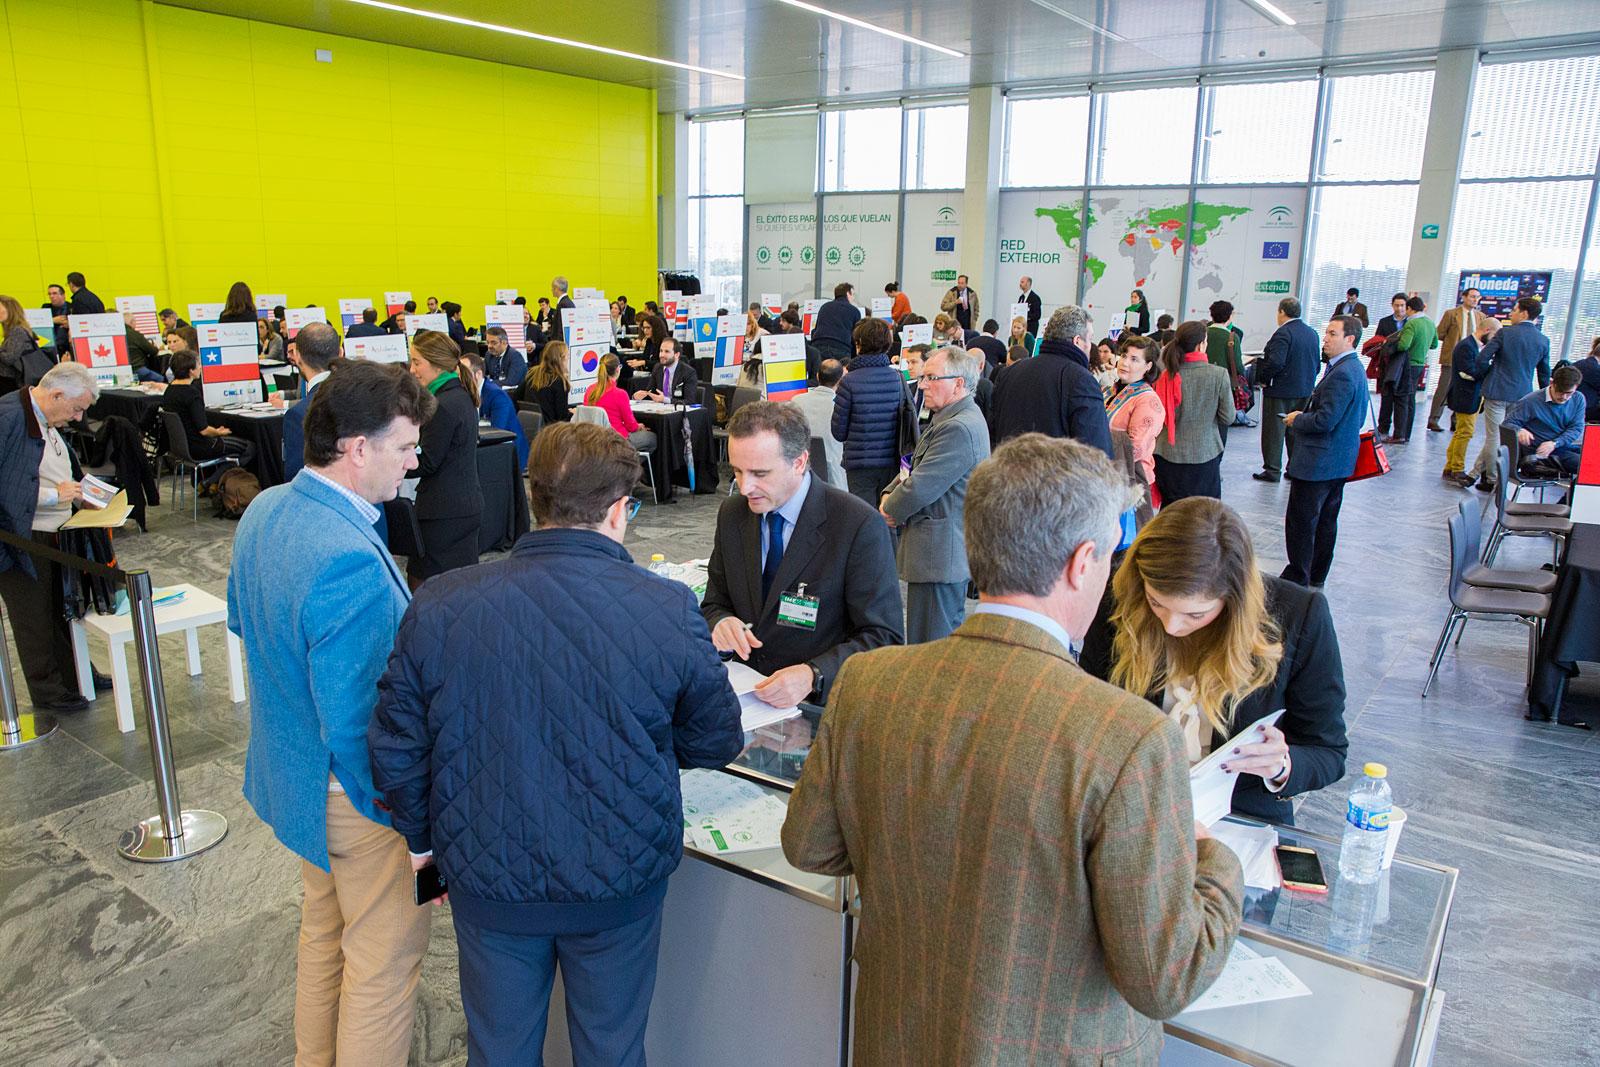 Sevilla acogerá más de 800 empresas en la VI edición de IMEX, la mayor feria de negocio internacional de España